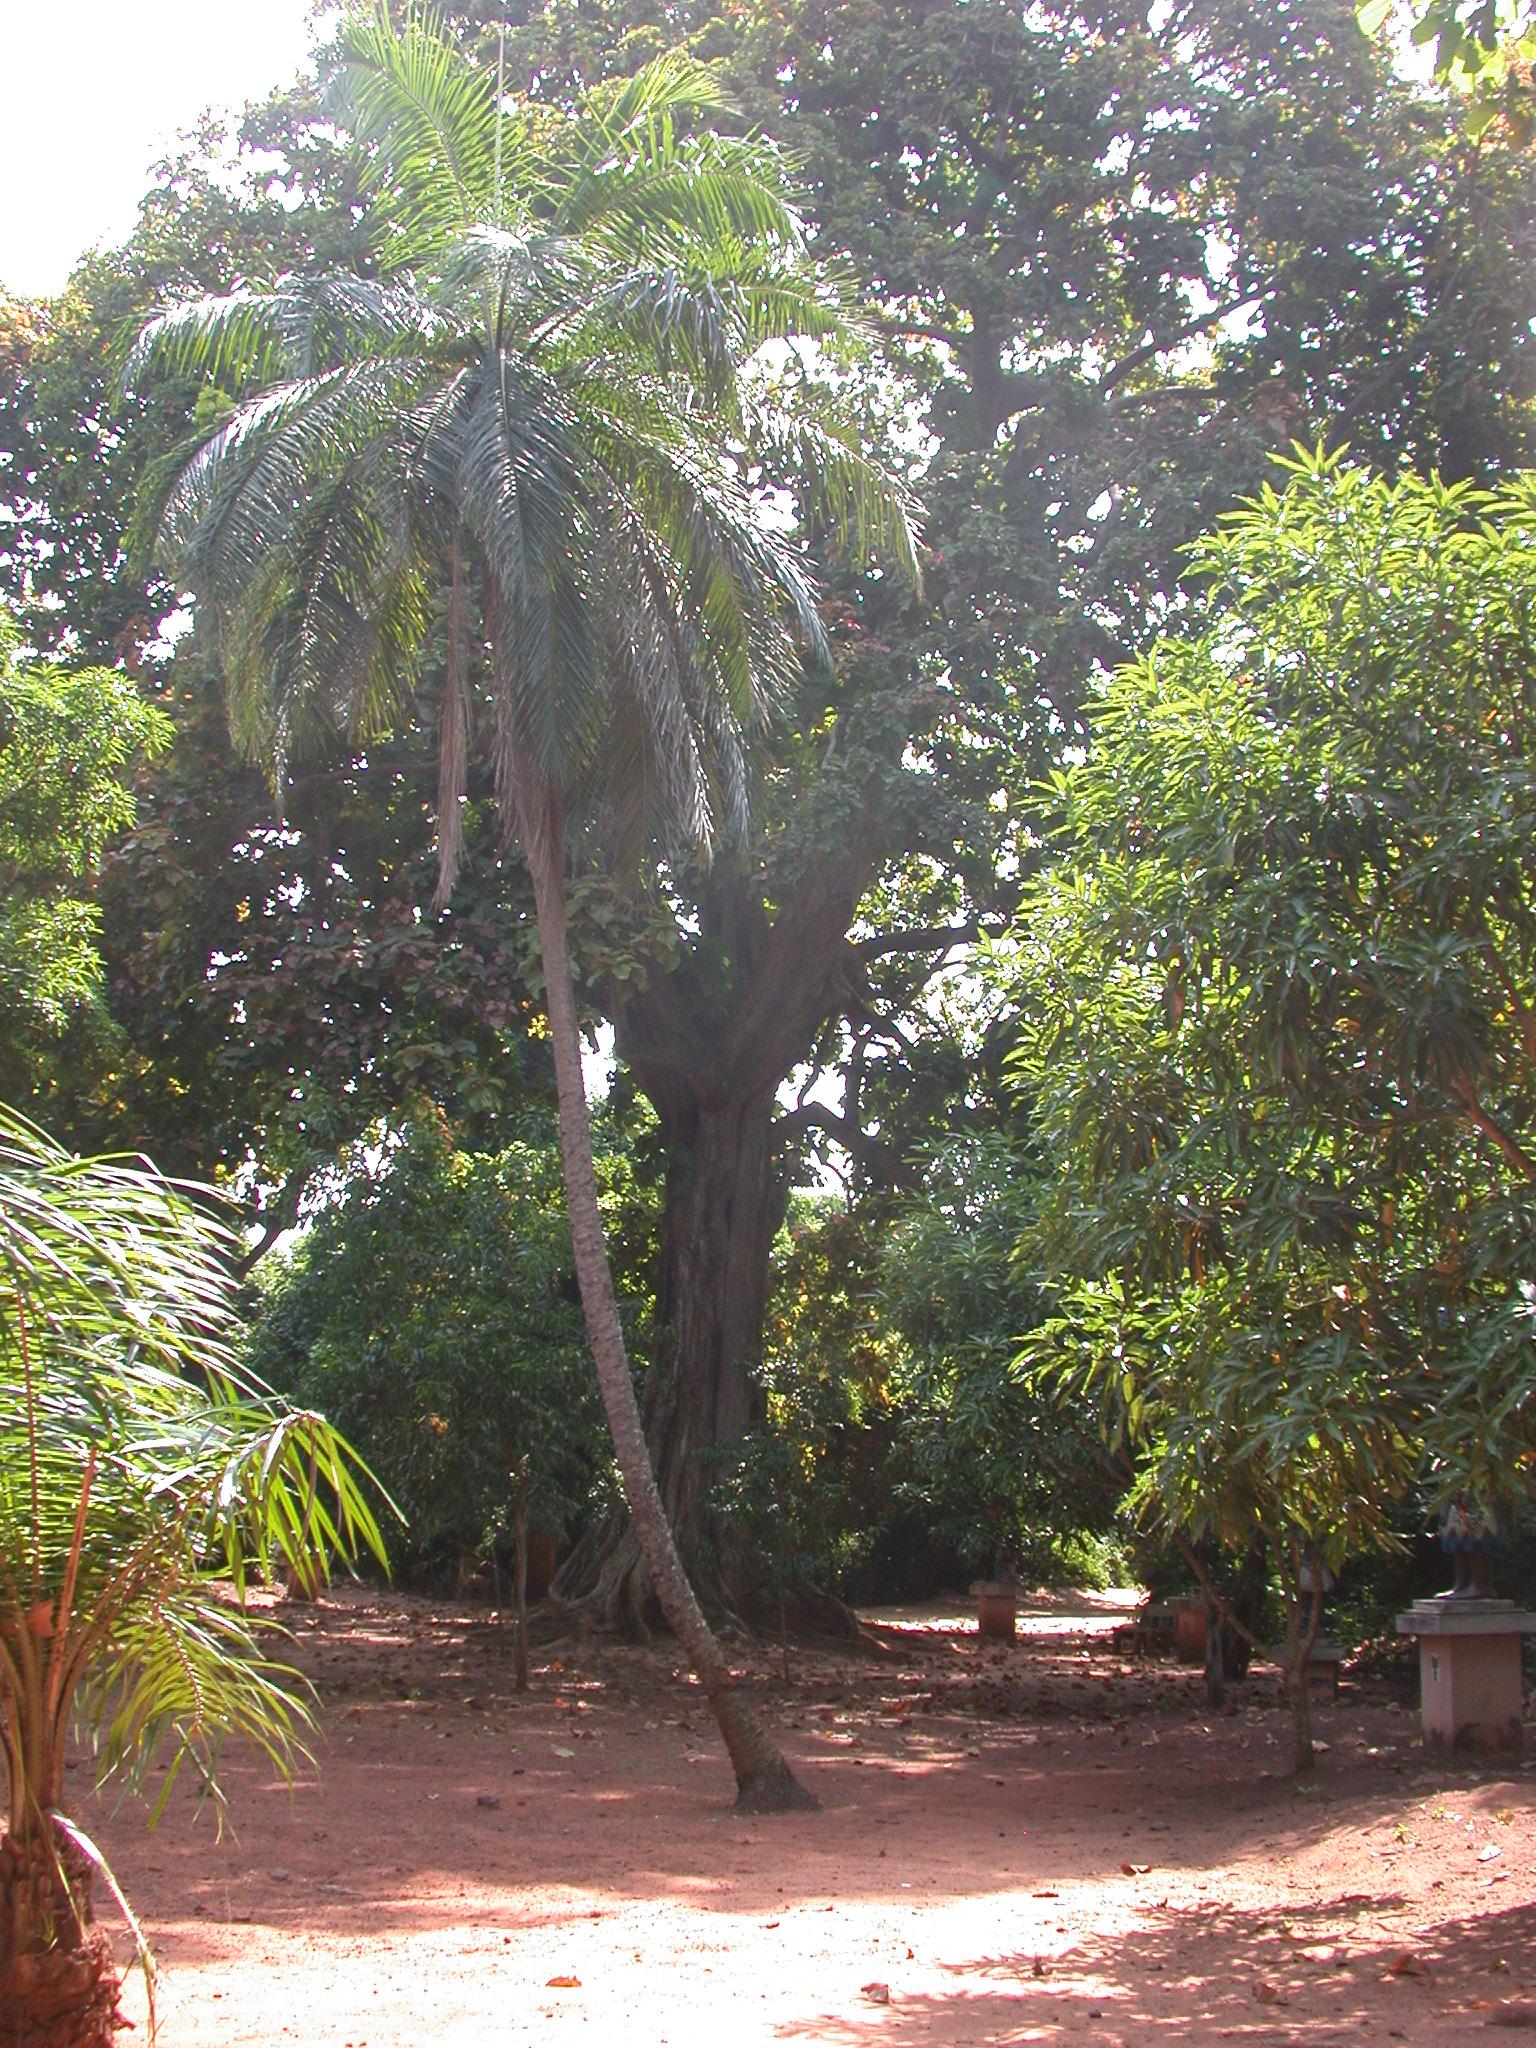 Vegetation, Kpasse Sacred Forest, Ouidah, Benin